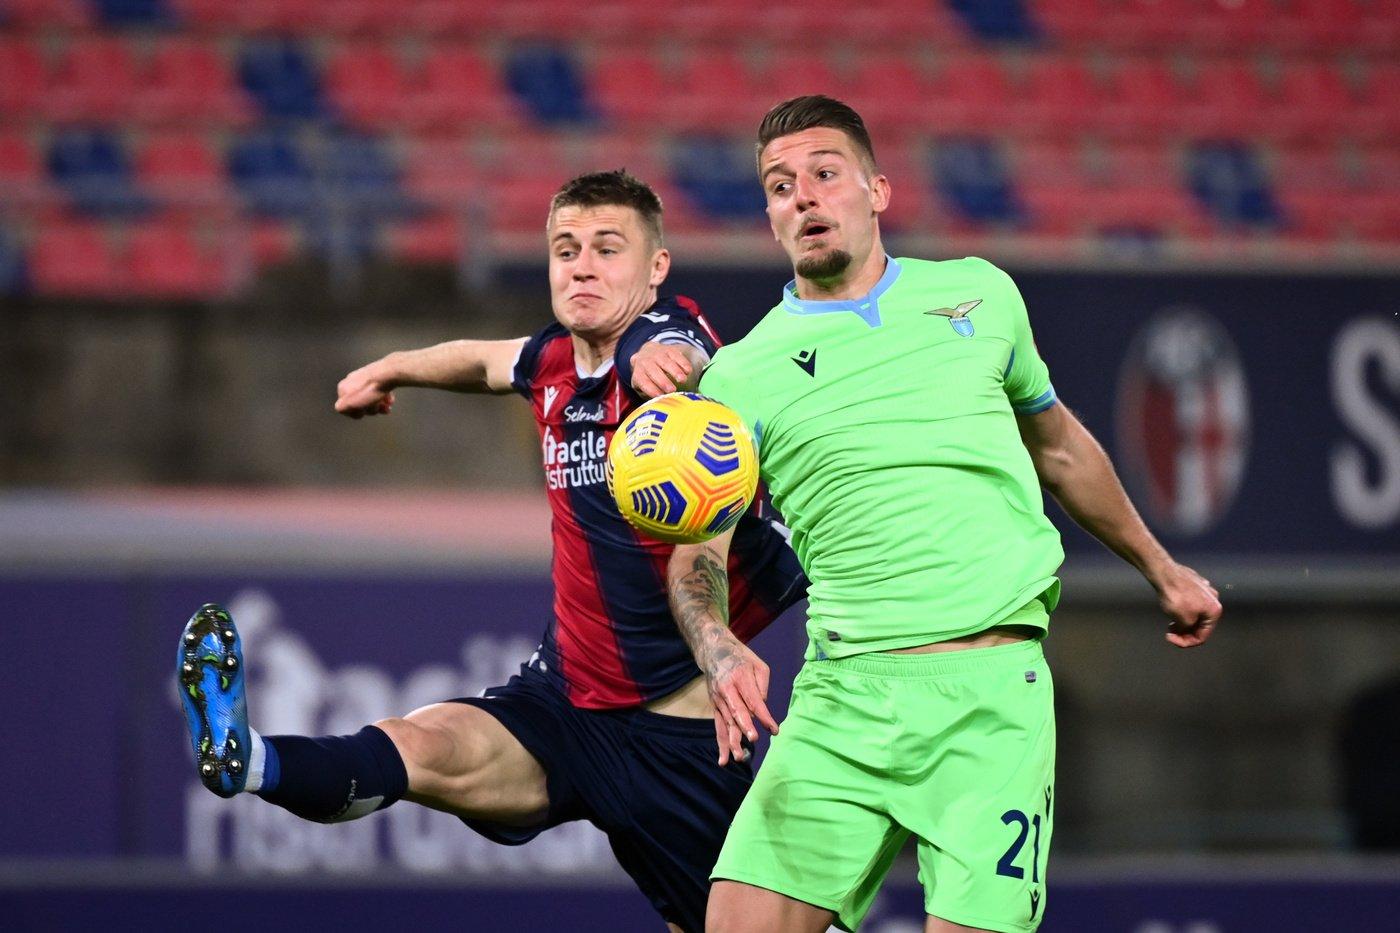 Bologna - Lazio: le probabili formazioni e dove vederla in tv - Lazionews.eu